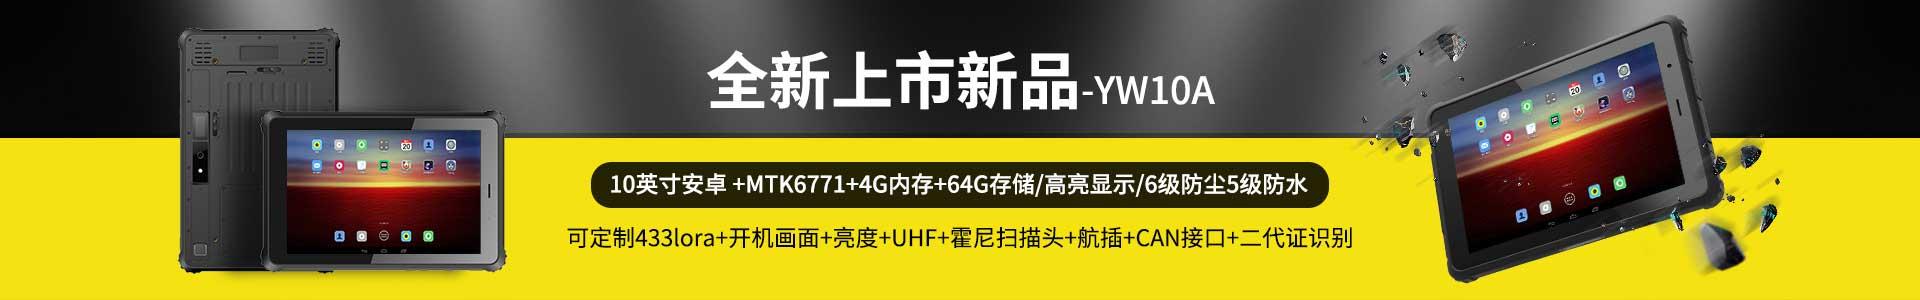 新品推薦︰5寸UHF超高頻輕薄手持PDA姨认识,IP65防護创痛,安卓8.1你这去,支持掃碼行我、UHF论国力、NFC功能座擂台,掃碼可觀看檢測視頻